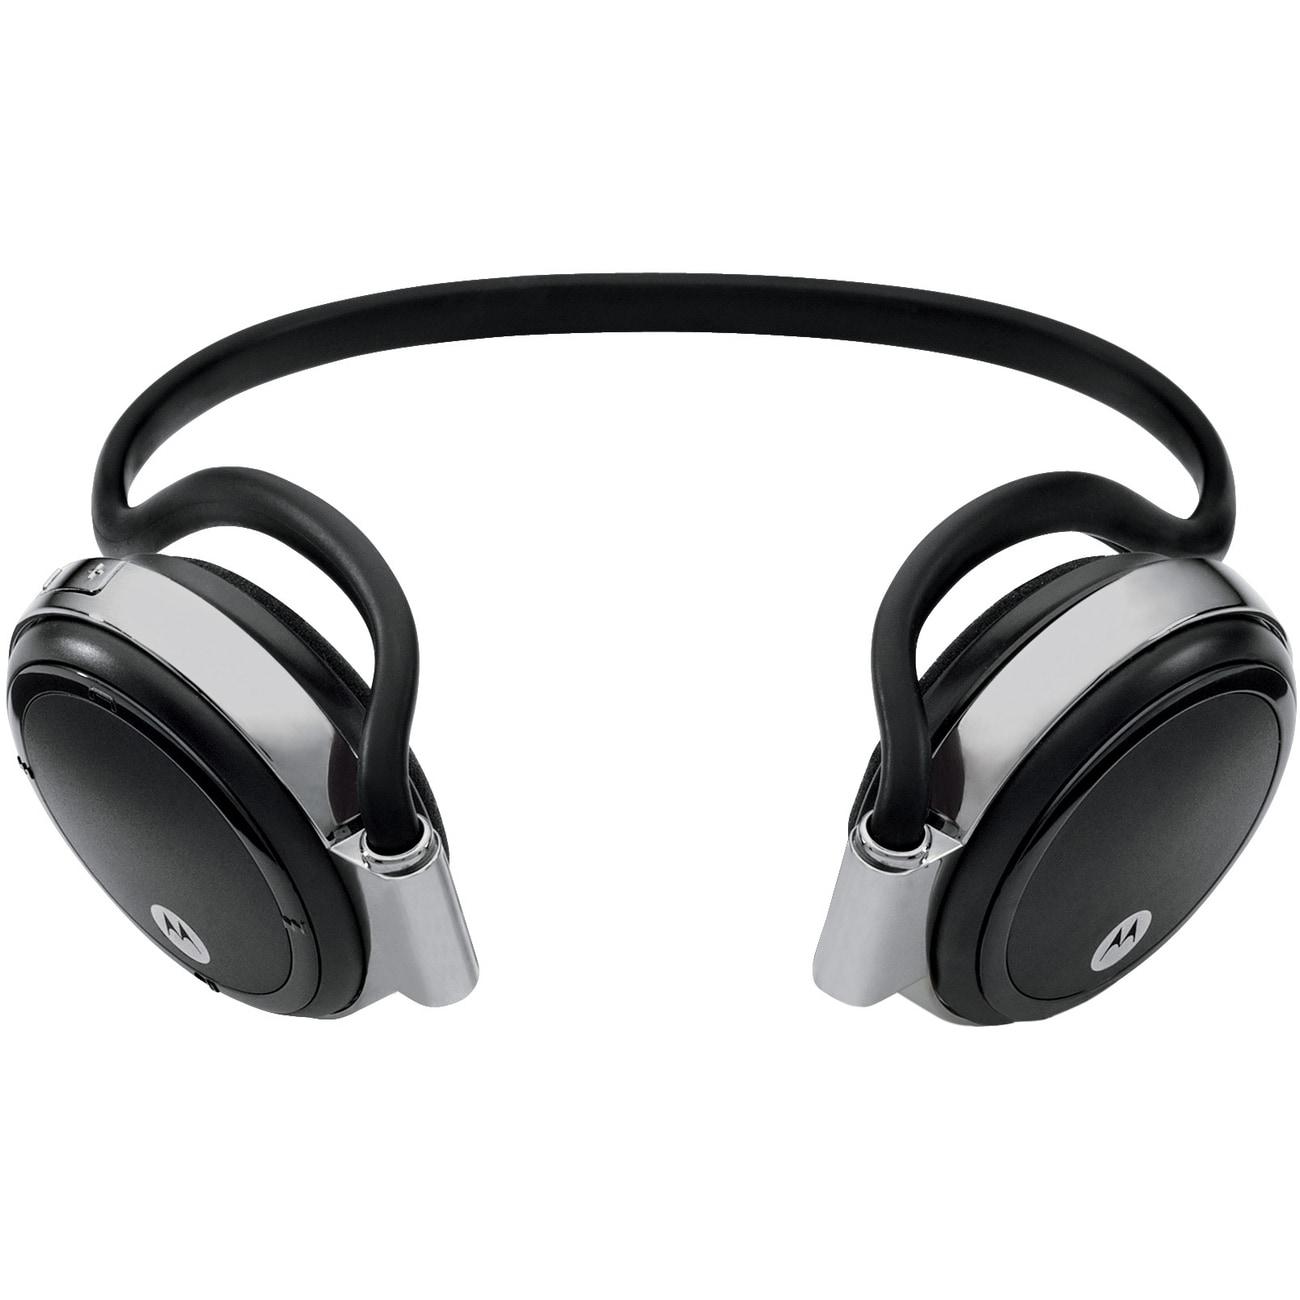 Earphones bluetooth wireless apple original - apple earphones with lightning connector